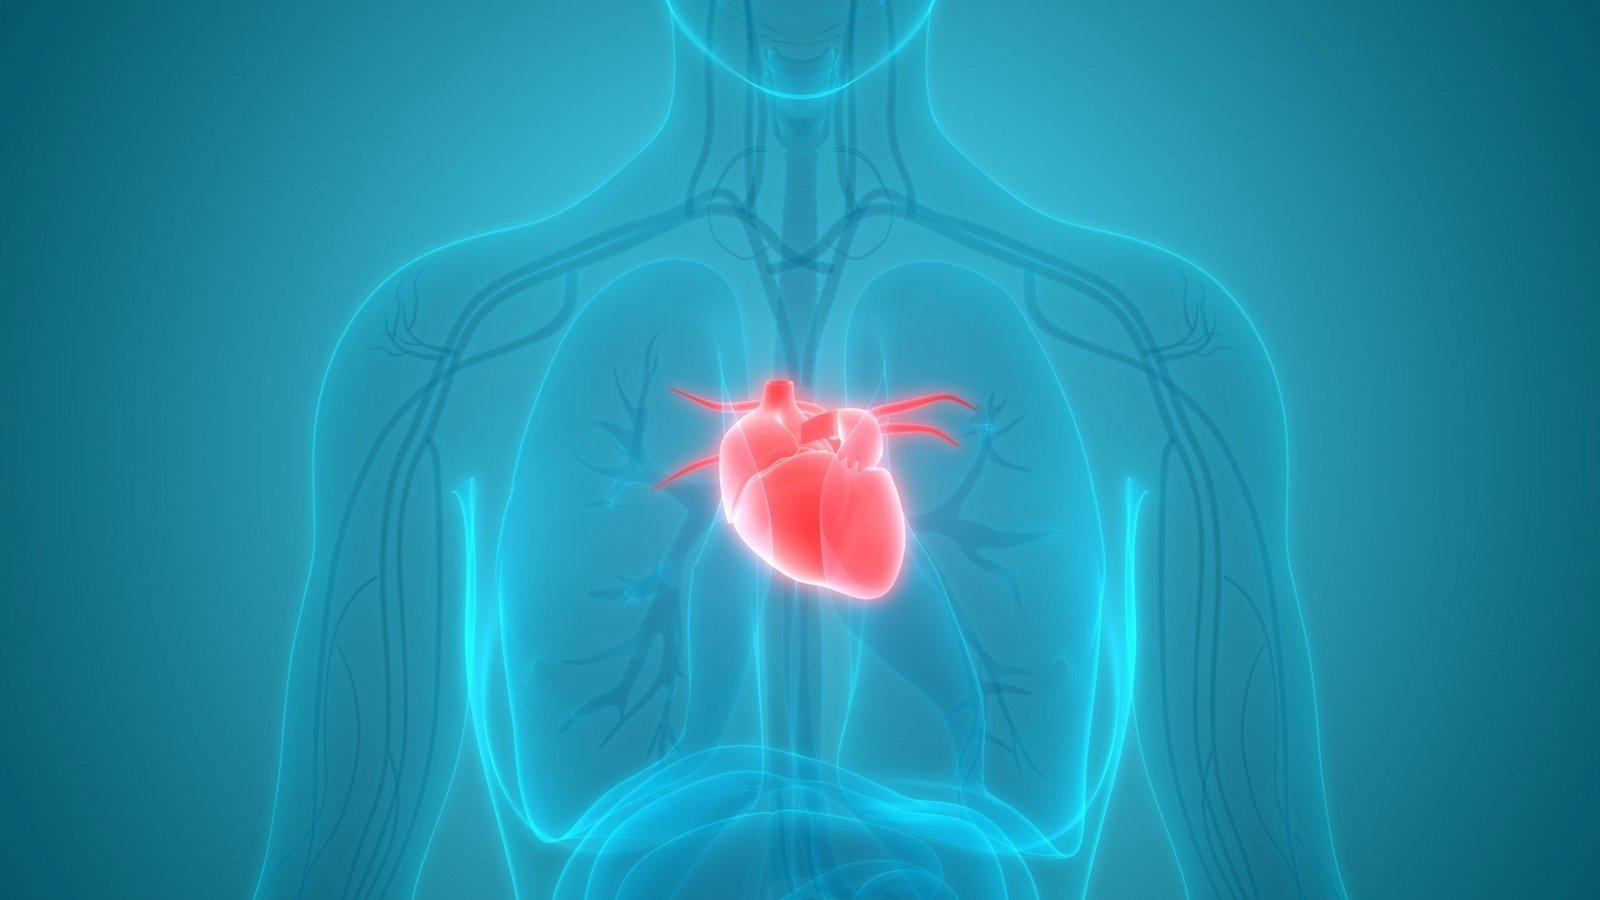 širdies priepuolis yra sveikatos įvykis